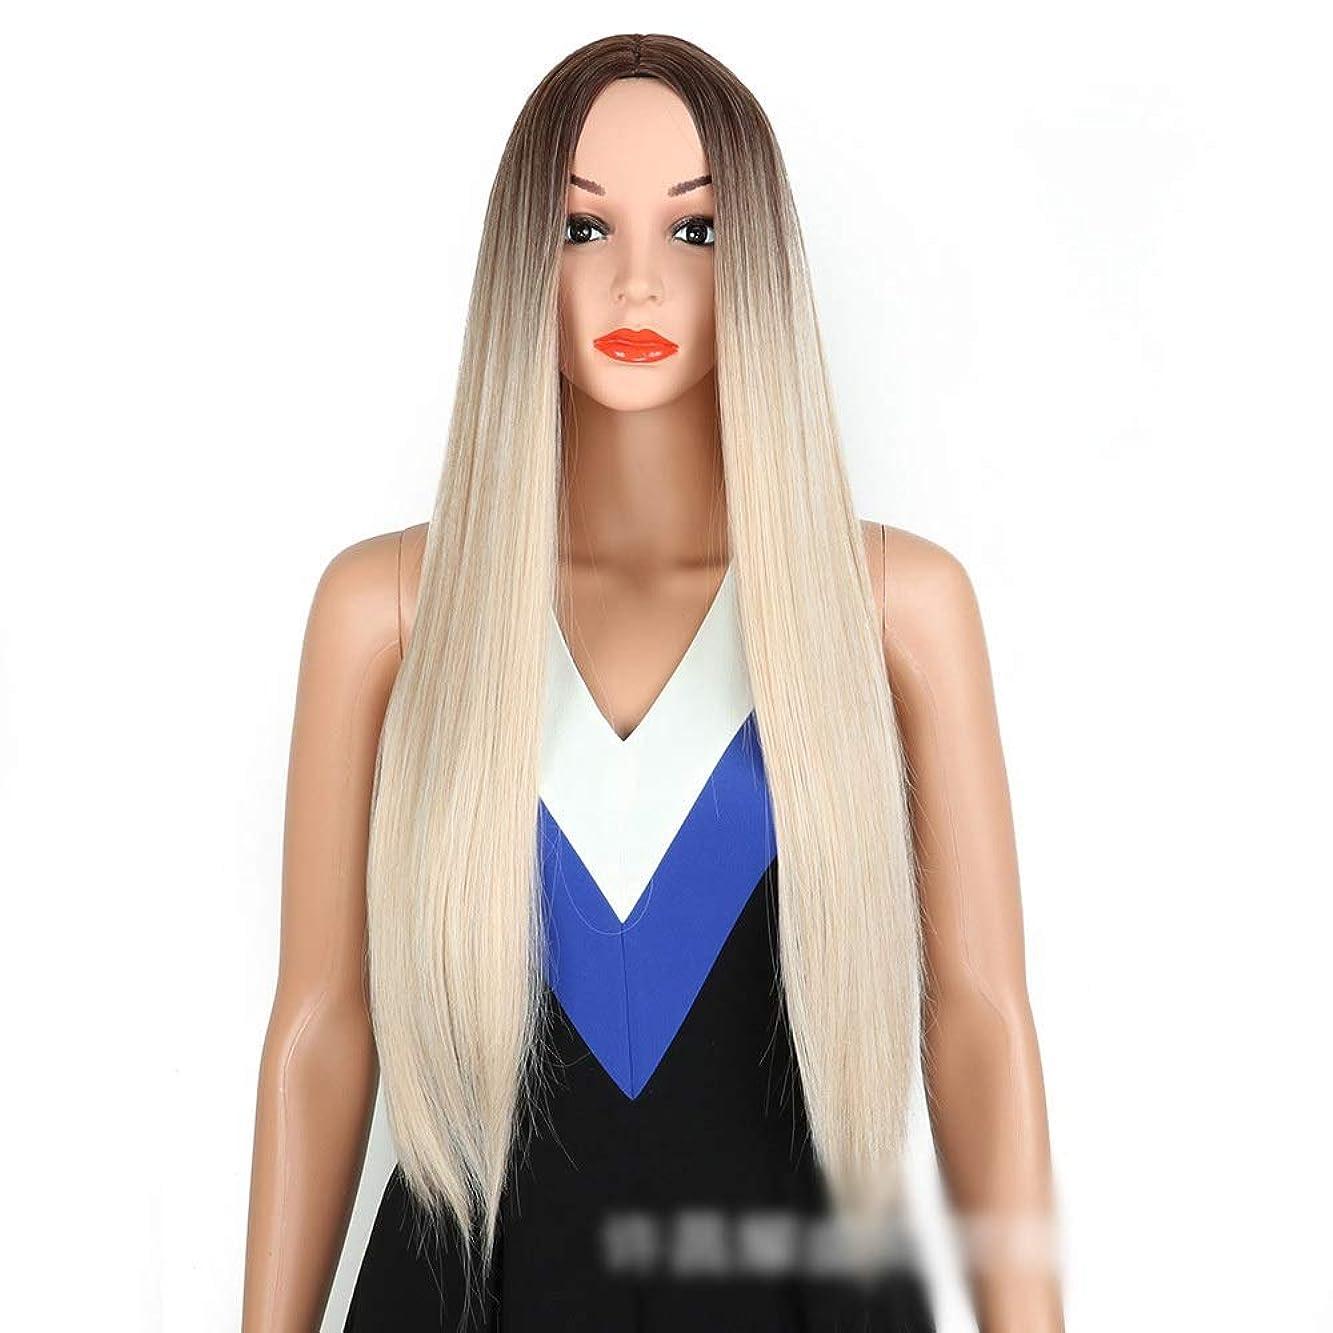 努力する使い込む大胆不敵かつら 女性のための長いストレートヘッドを探している女性の金髪ストレートウィッグ耐熱ナチュラルファッションパーティードレスウィッグ (色 : Blonde)